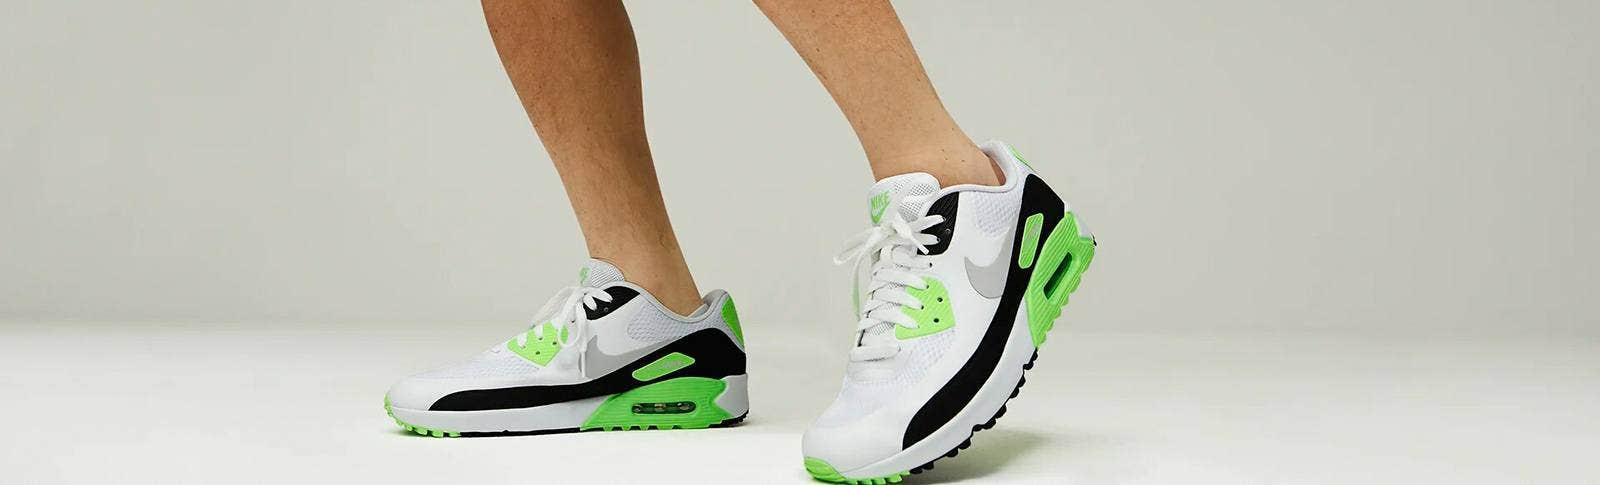 Nike Air Max 90 Golf Shoes Flash Lime